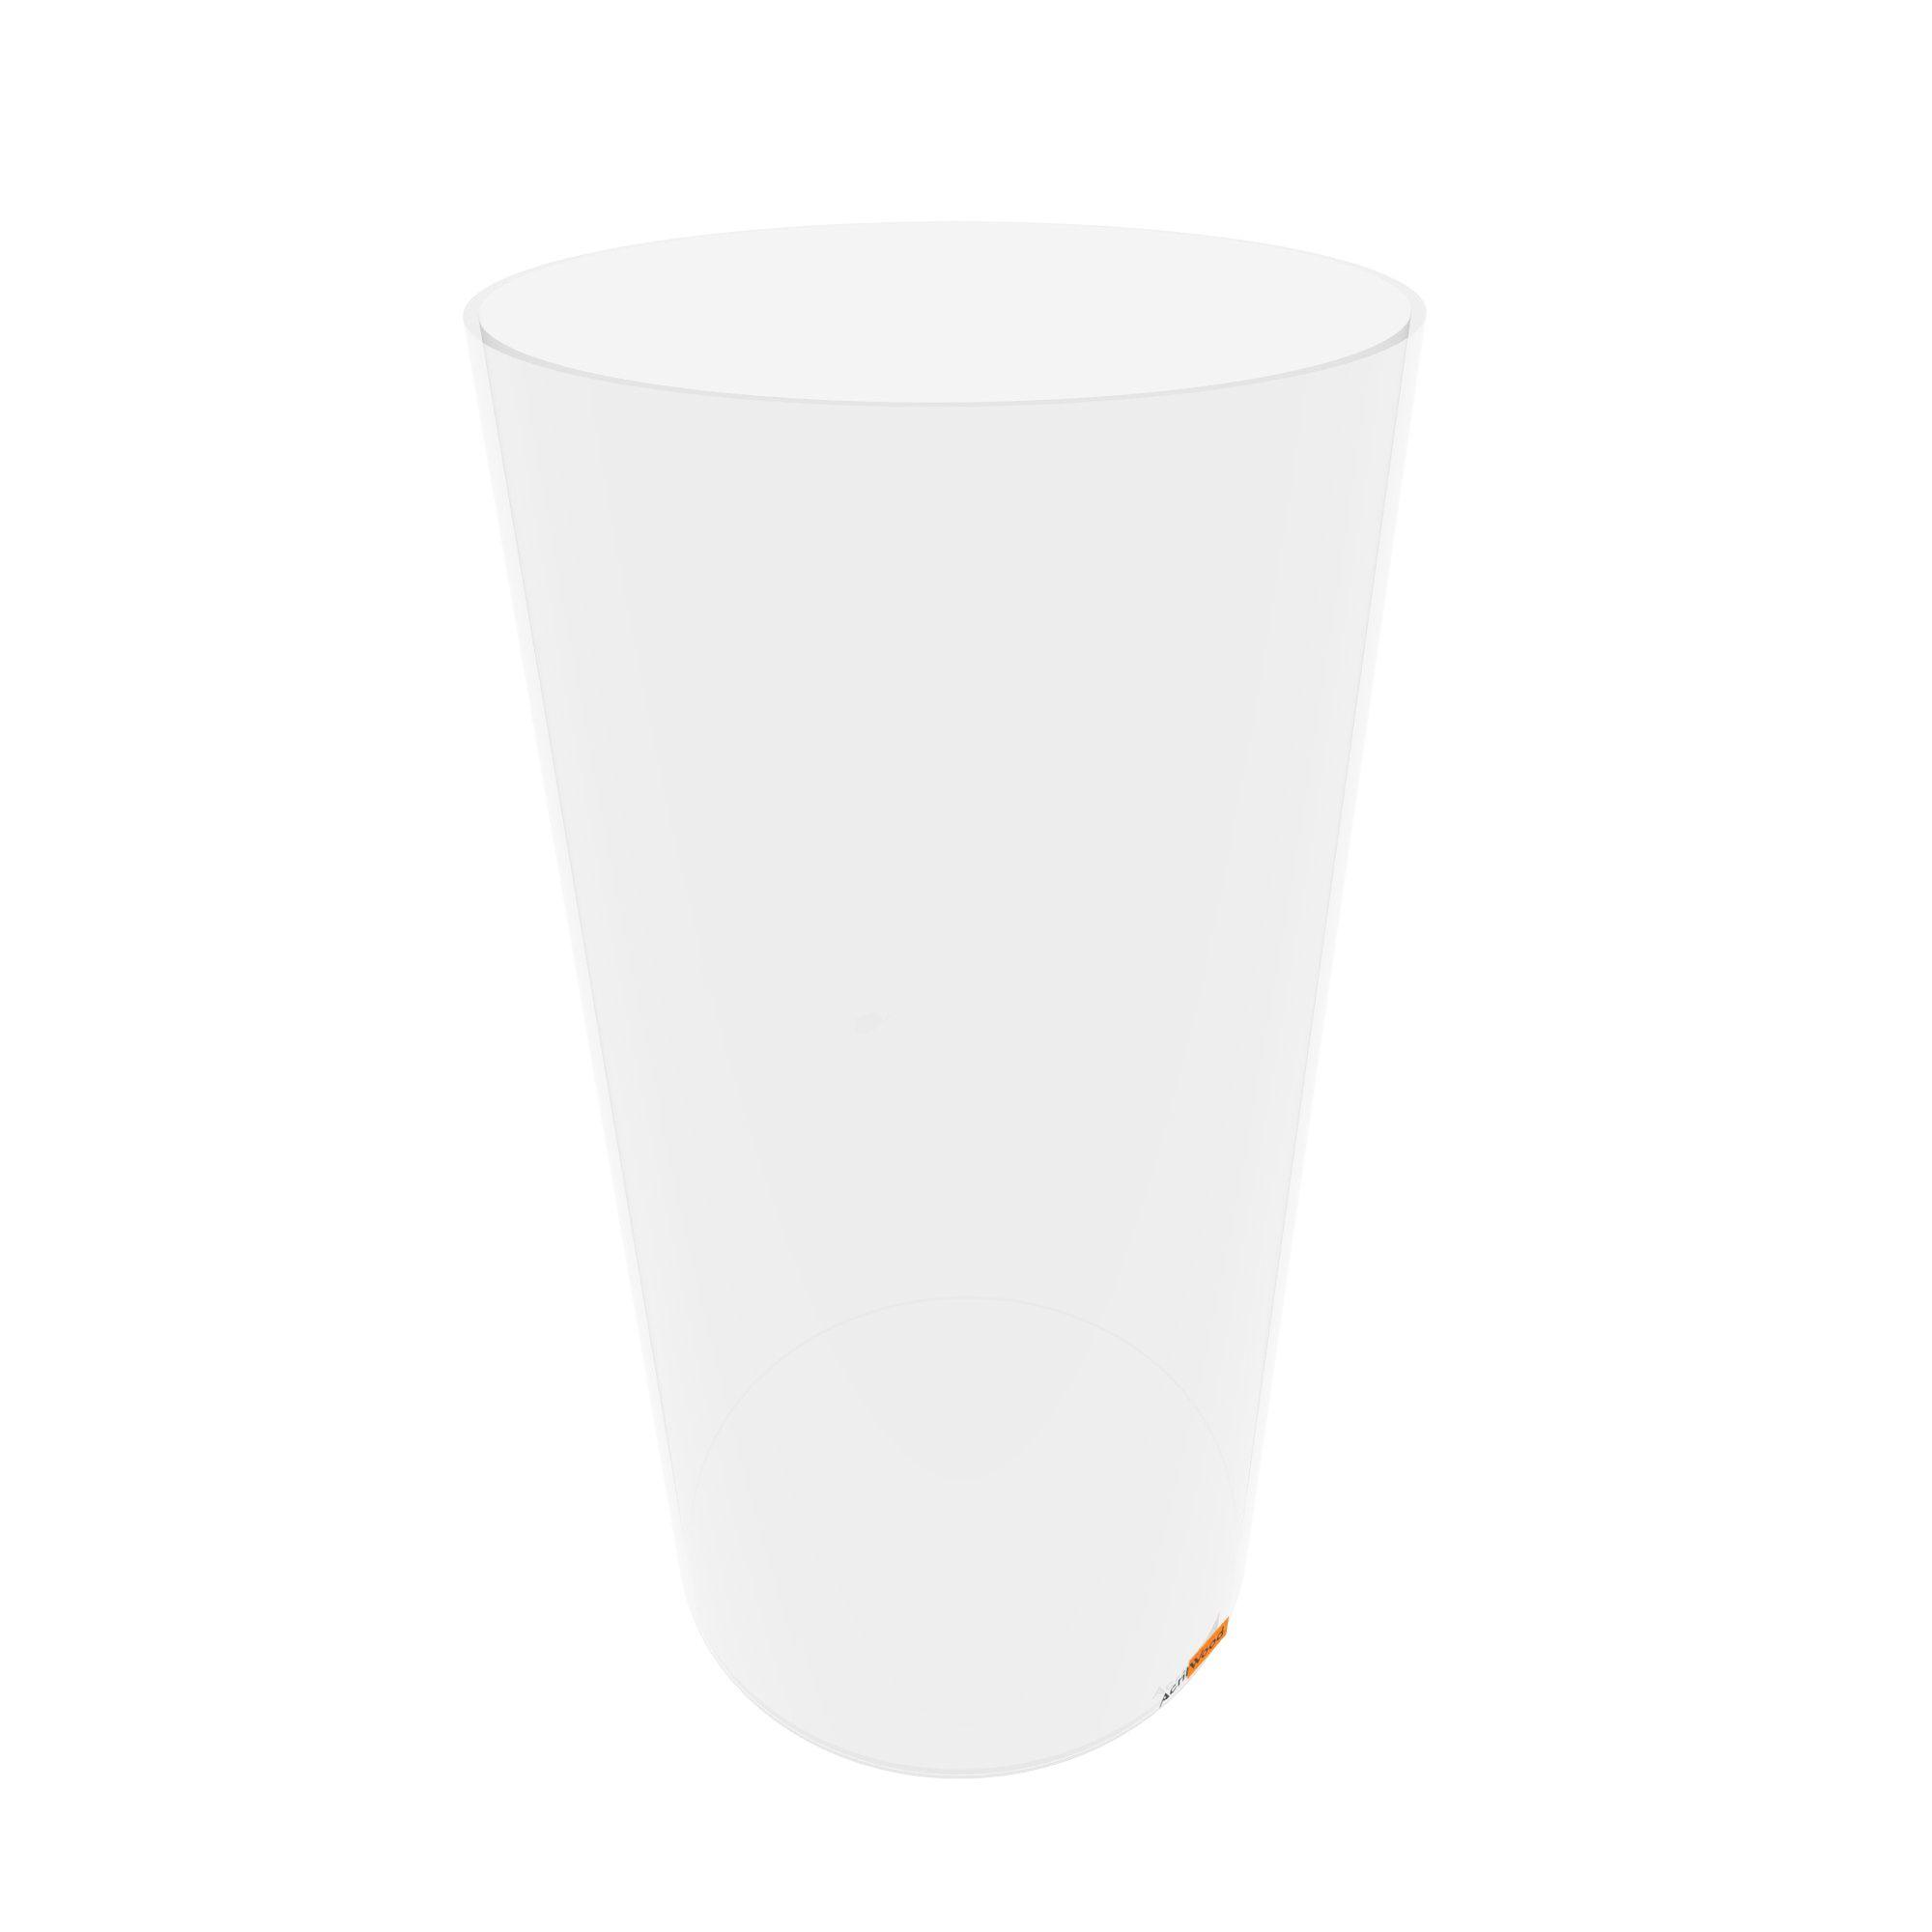 Caixa Redonda Em Acrílico Cristal - 20x40cm